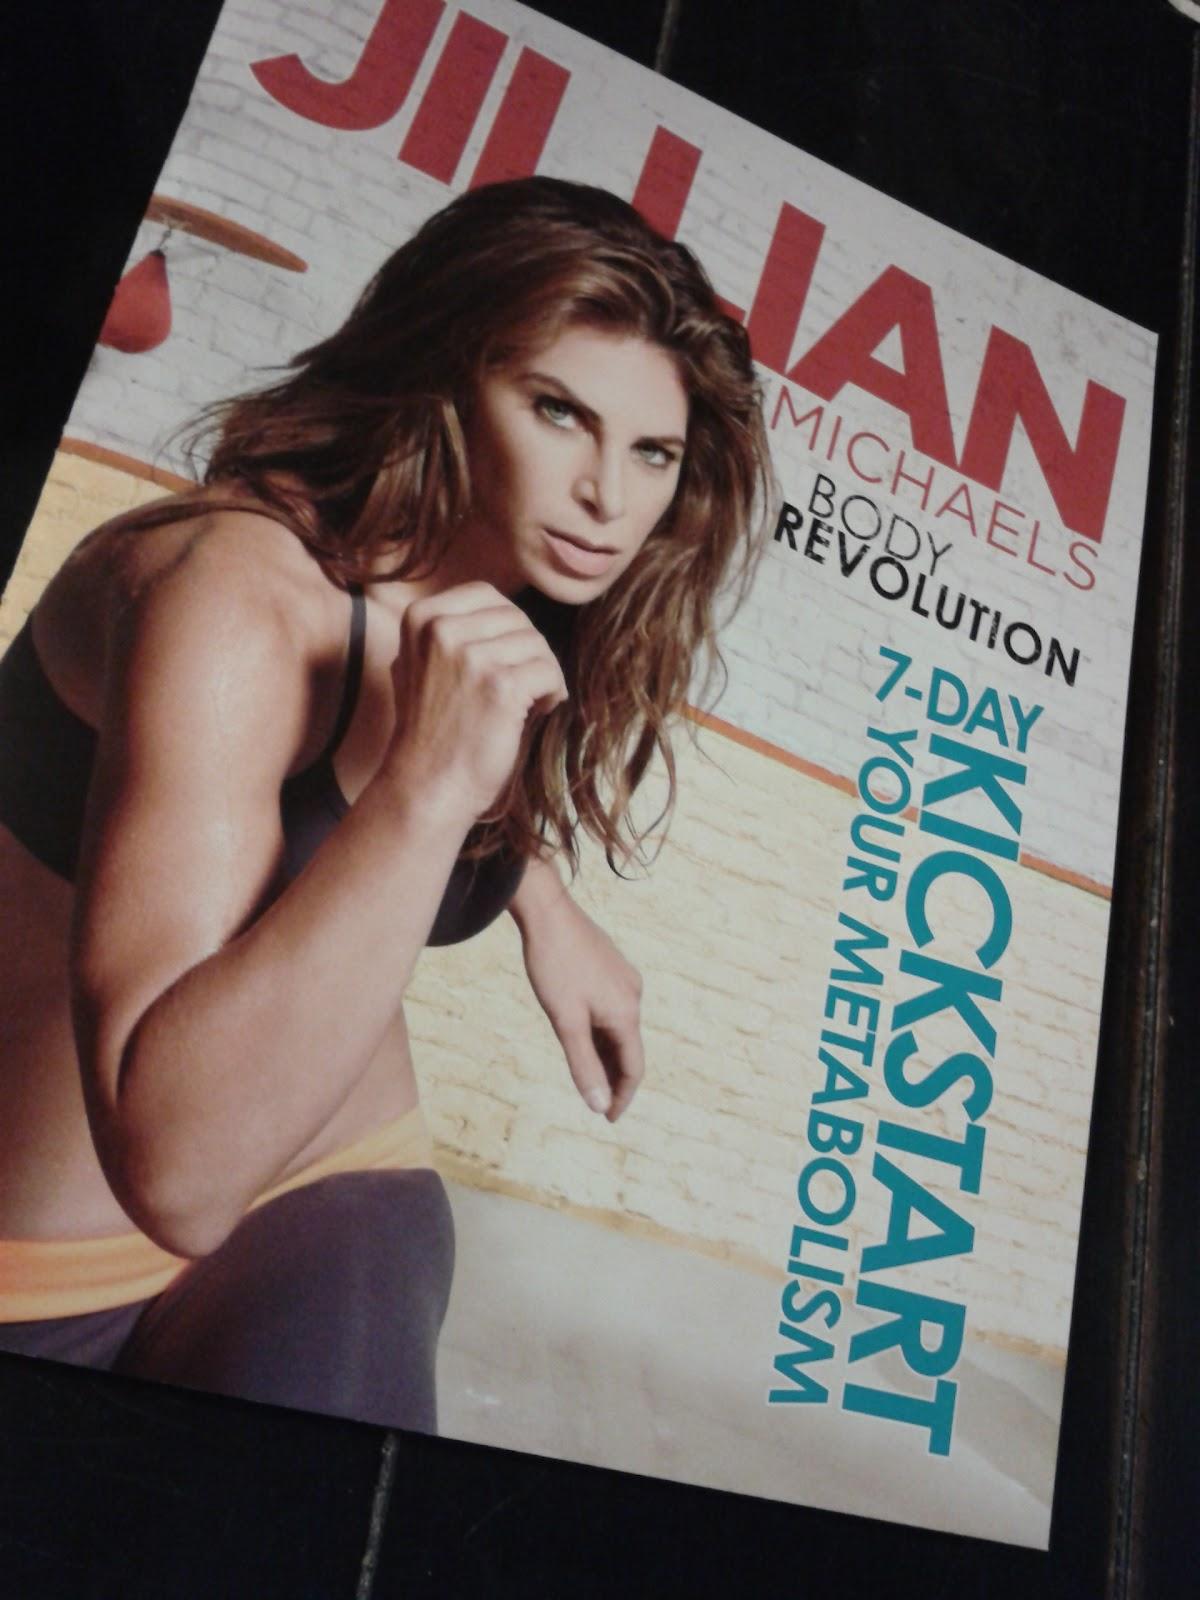 Jillian Michaels Body Revolution Workout Schedule Pdf Of jillian ...